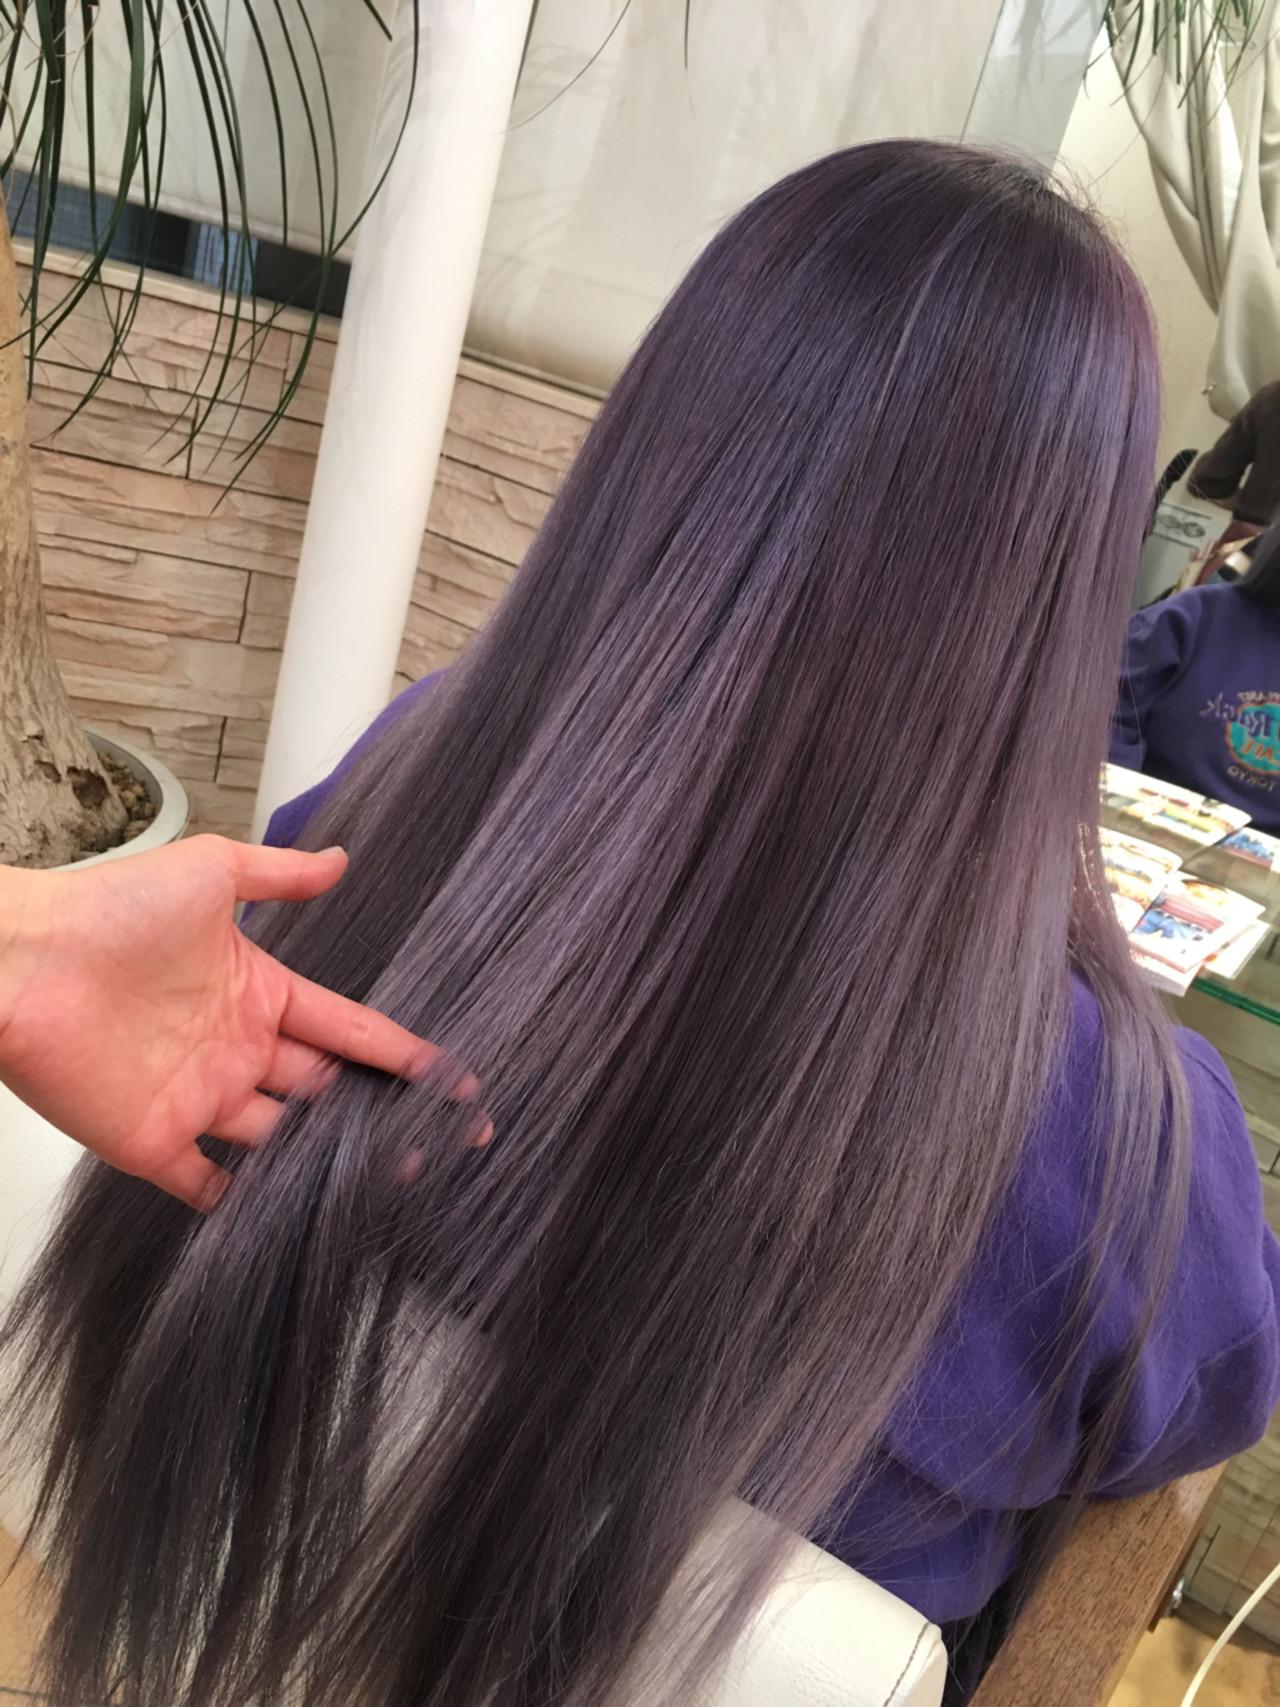 グラデーションカラー パープル アッシュグラデーション ロング ヘアスタイルや髪型の写真・画像